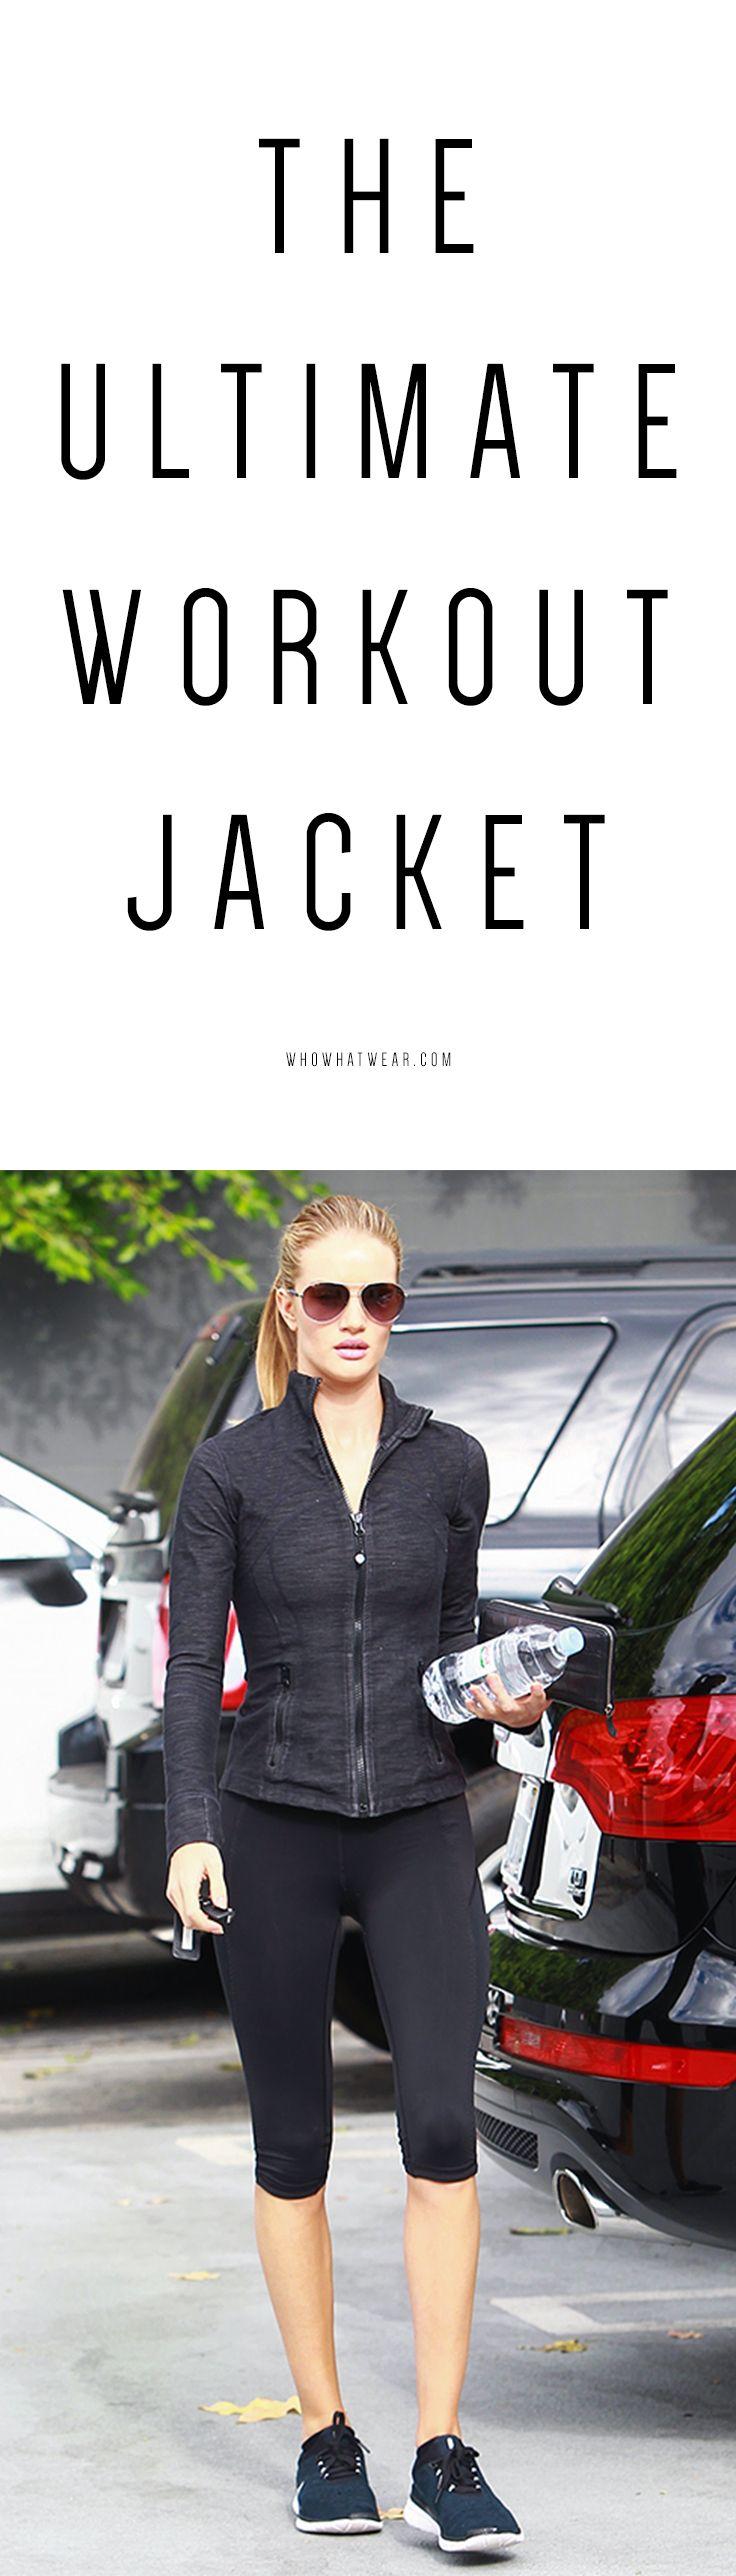 Shop: Lululemon jackets